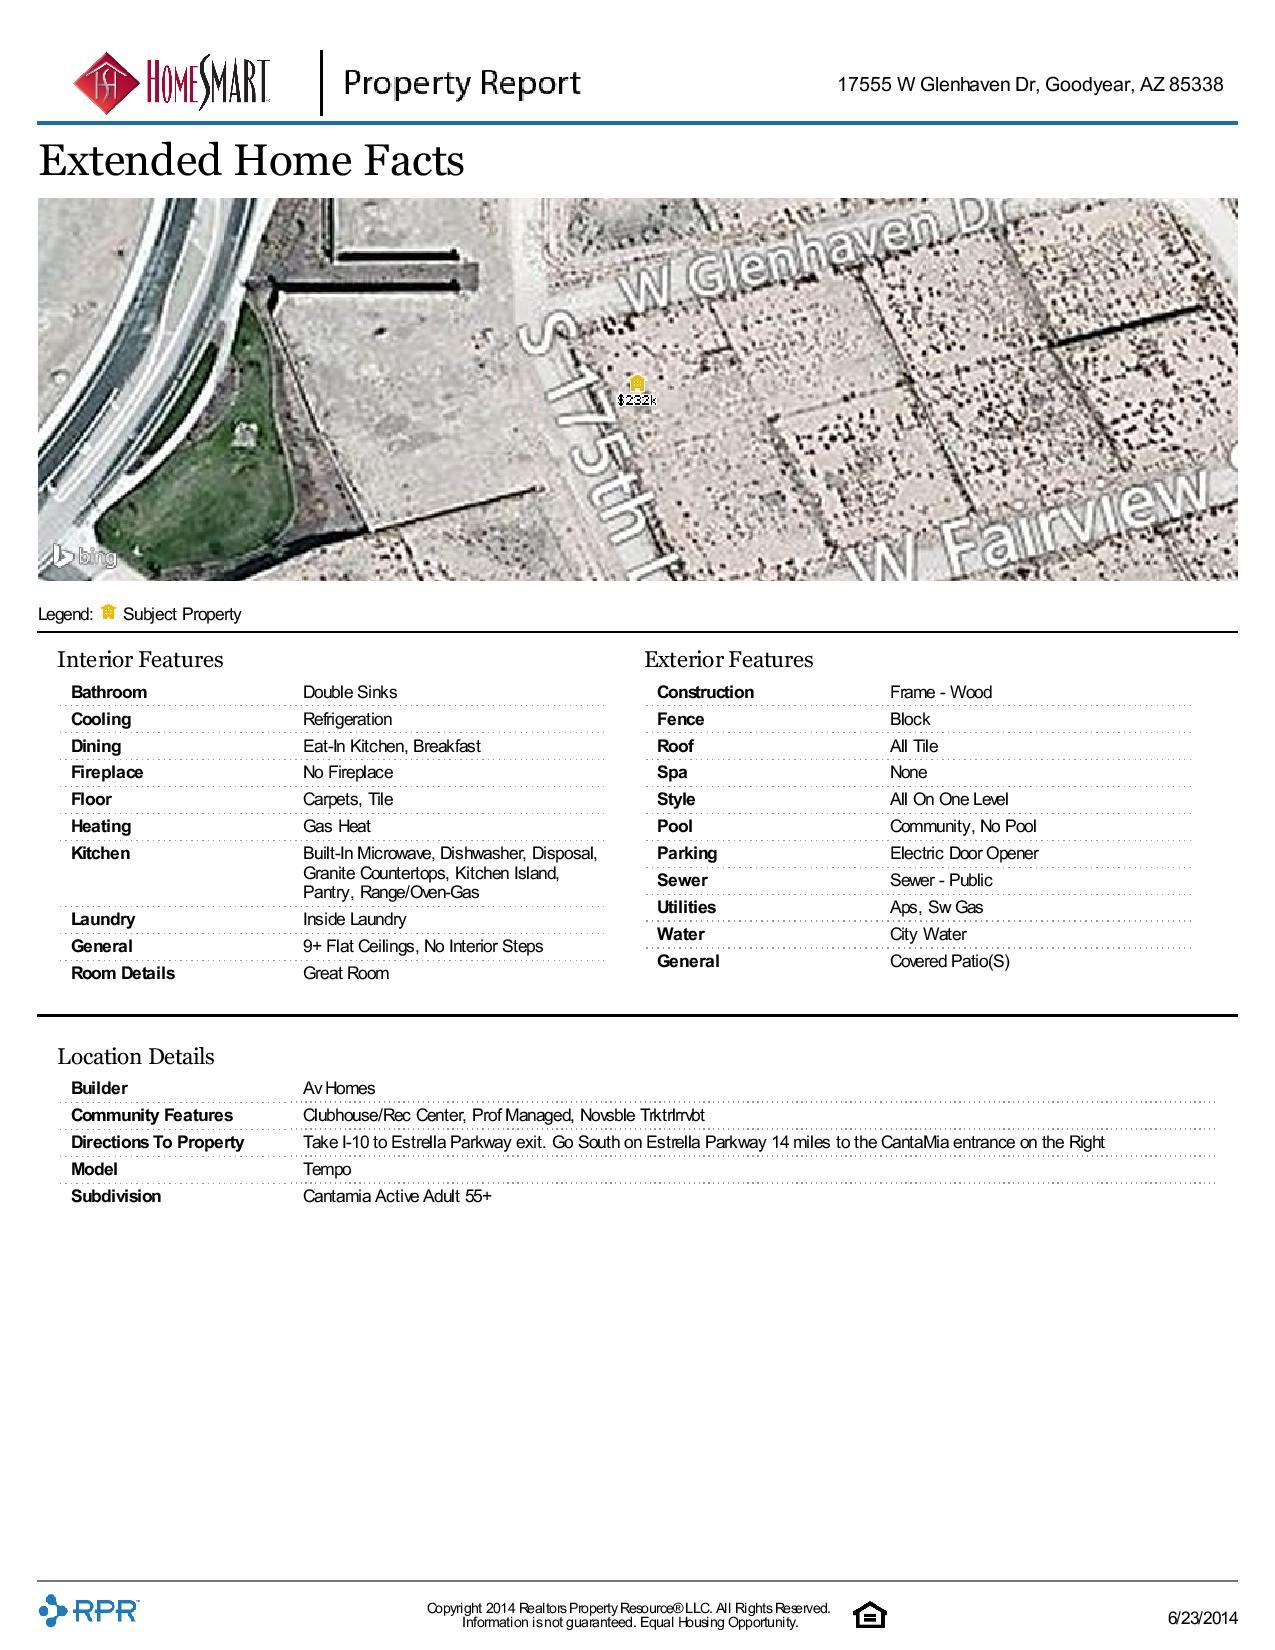 17555-W-Glenhaven-Dr-Goodyear-AZ-85338-page-004